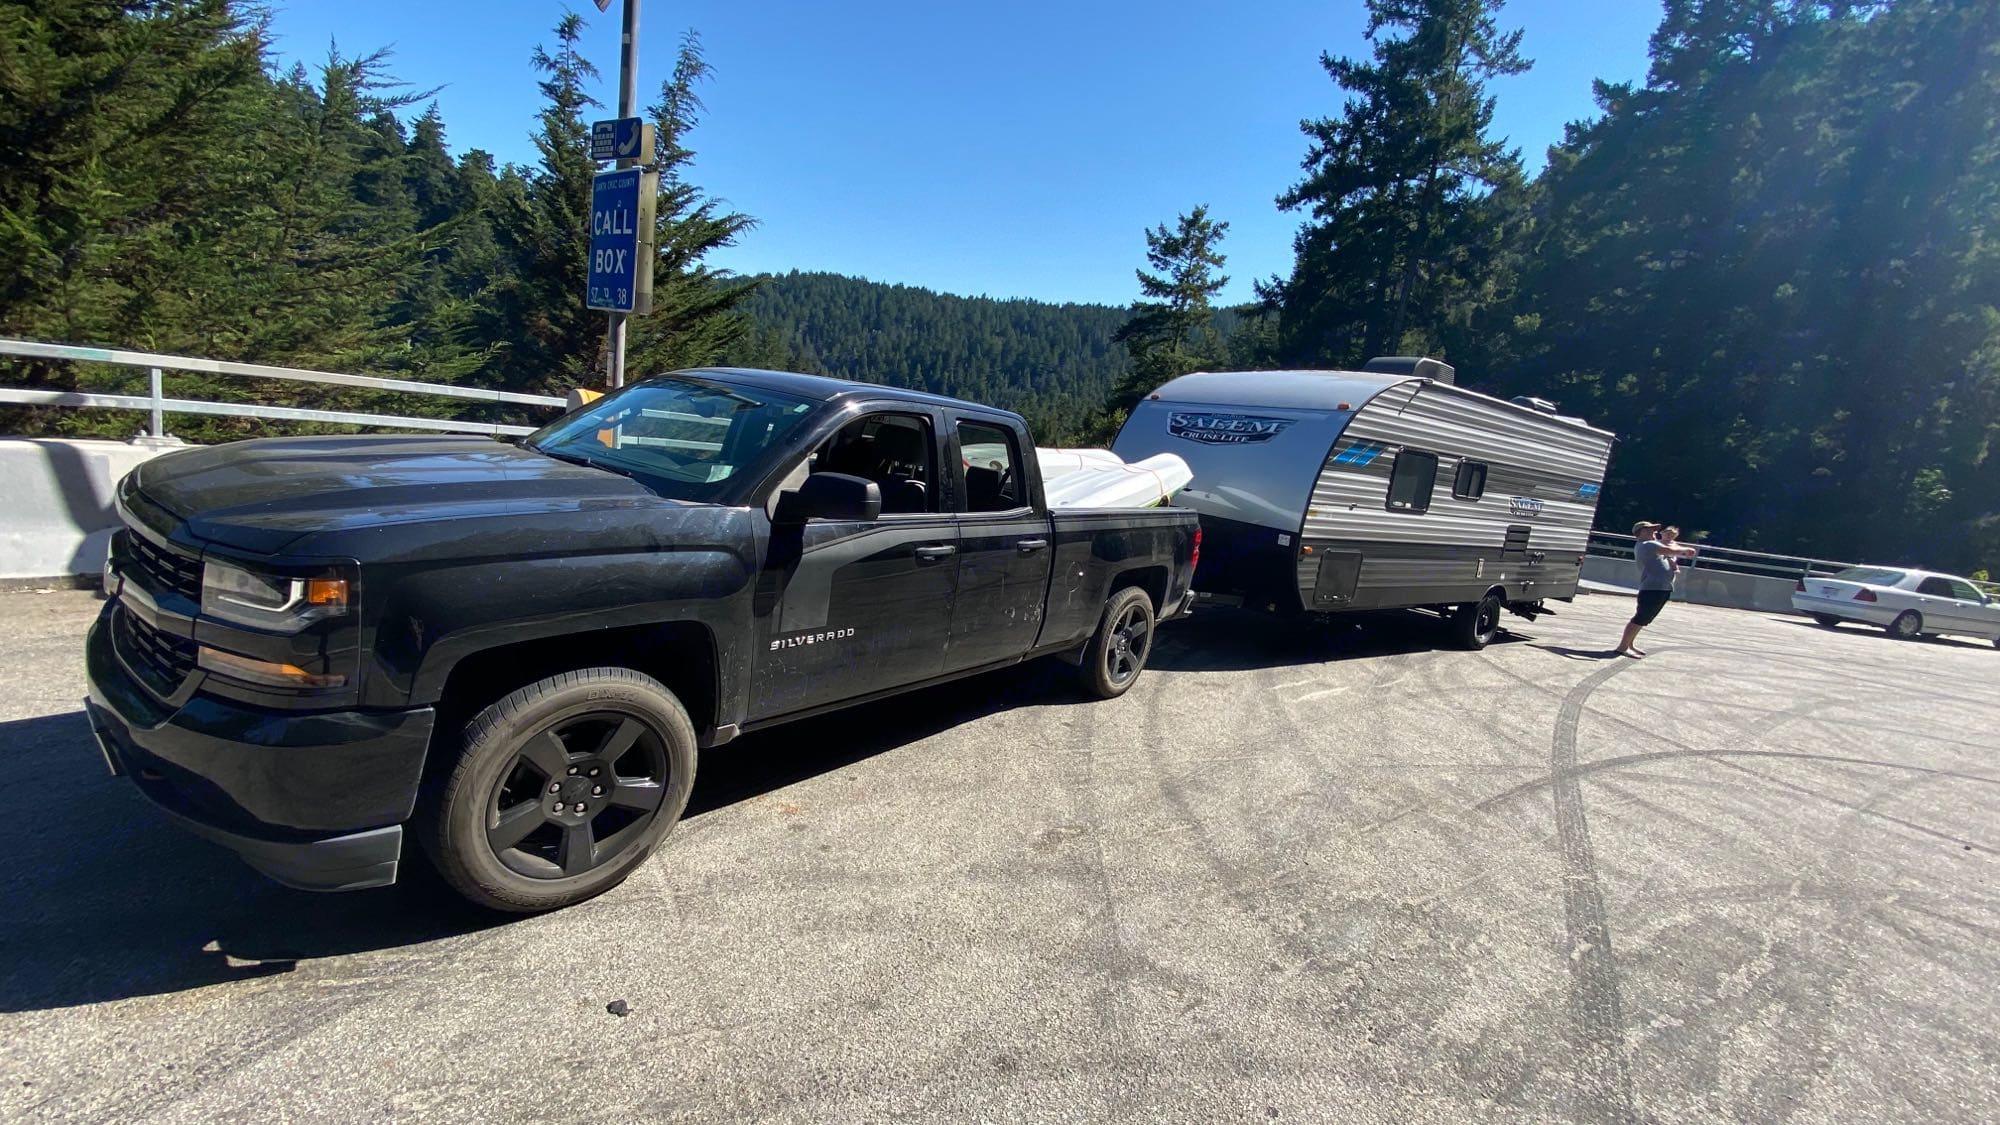 Chevy Silverado 2017